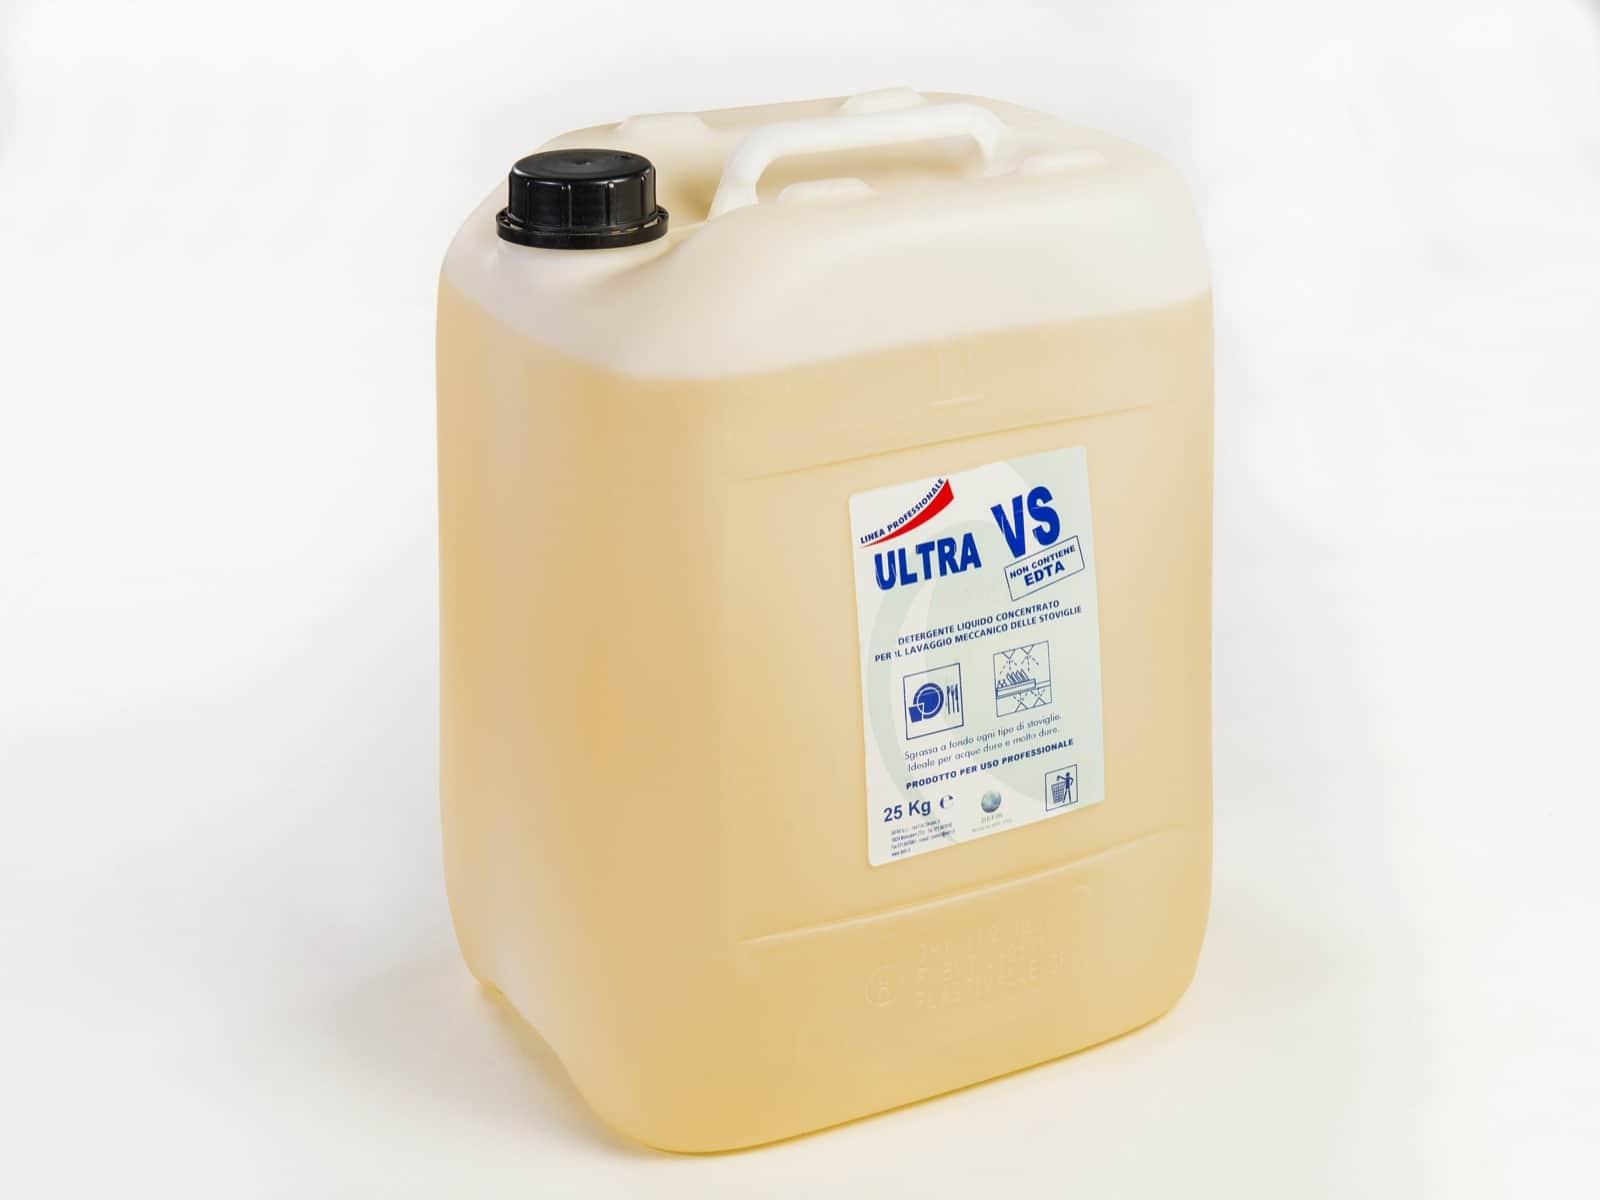 Ultra VS detersivo concentrato lavastoviglie professionale 25kg - Defir detergenti Moncalieri Torino